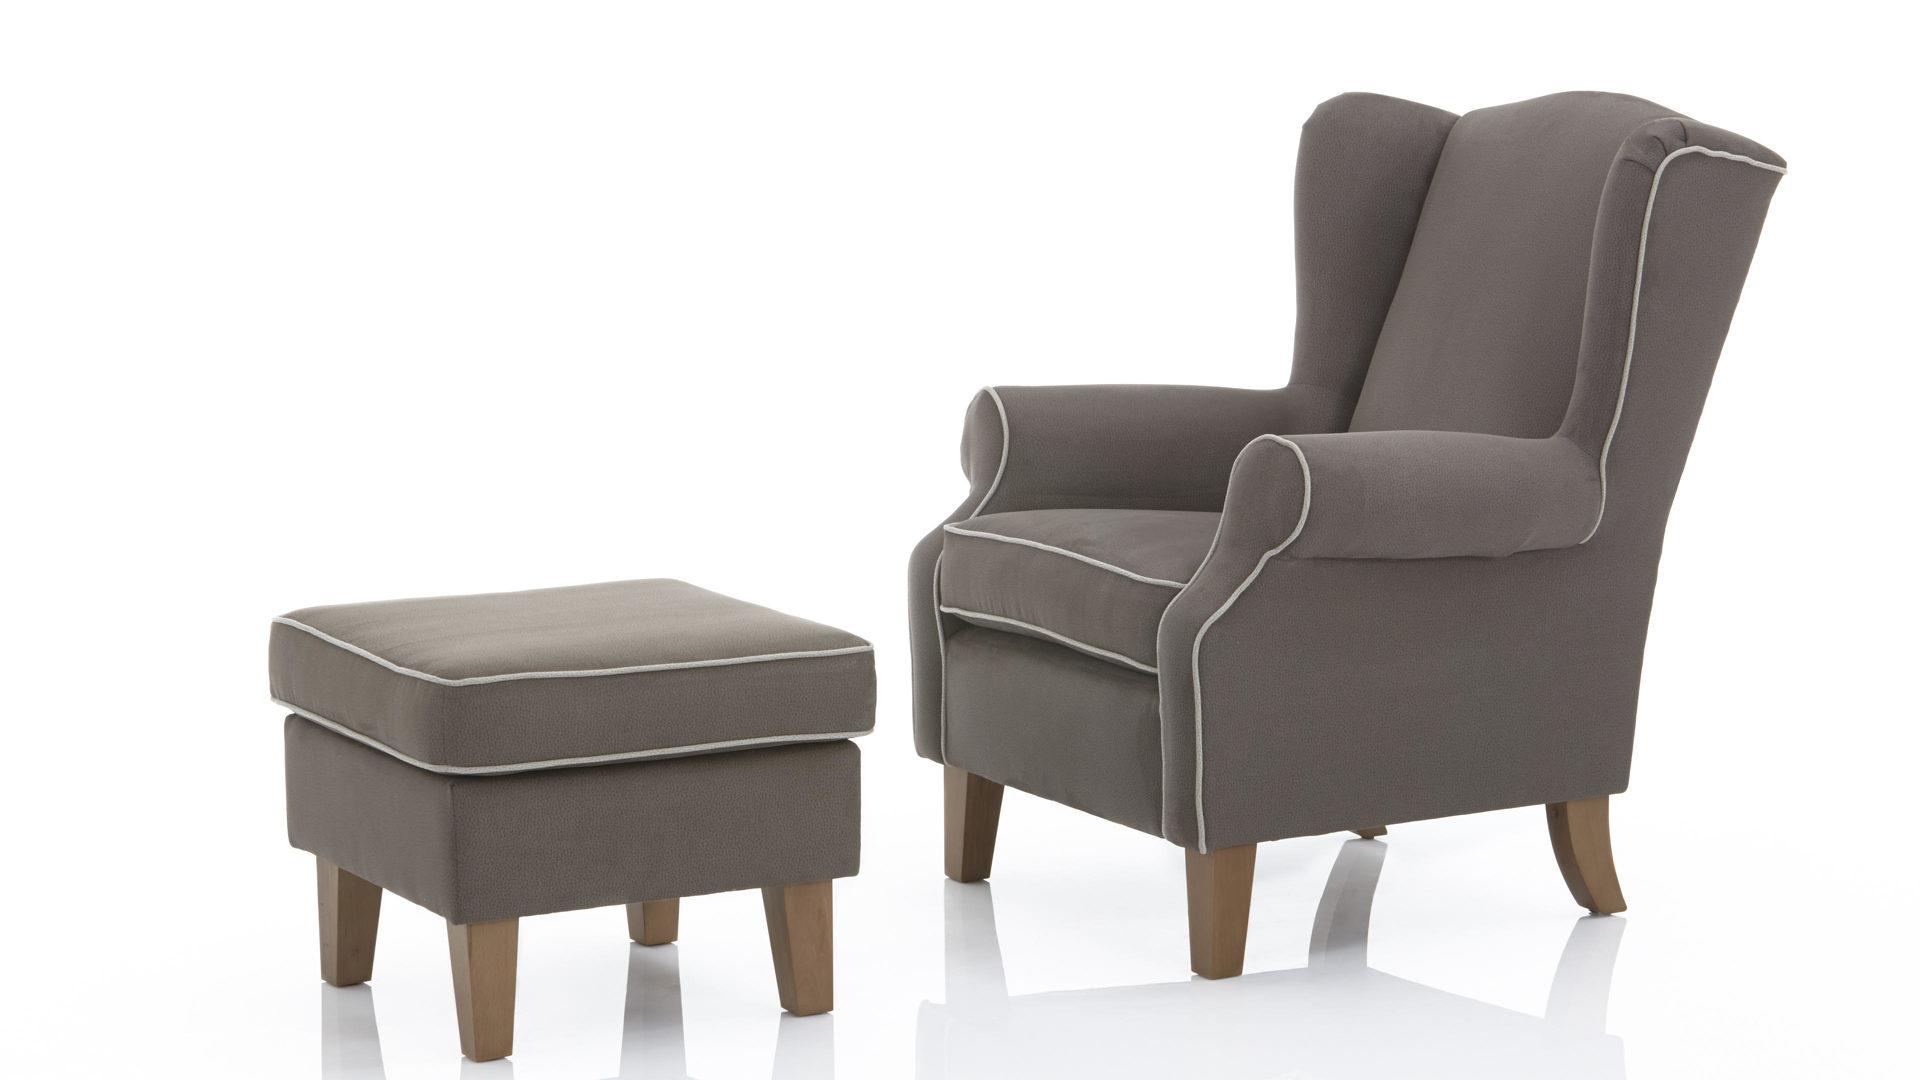 Jobst Wohnwelt Traunreut Räume Jugendzimmer Kinderzimmer Sessel